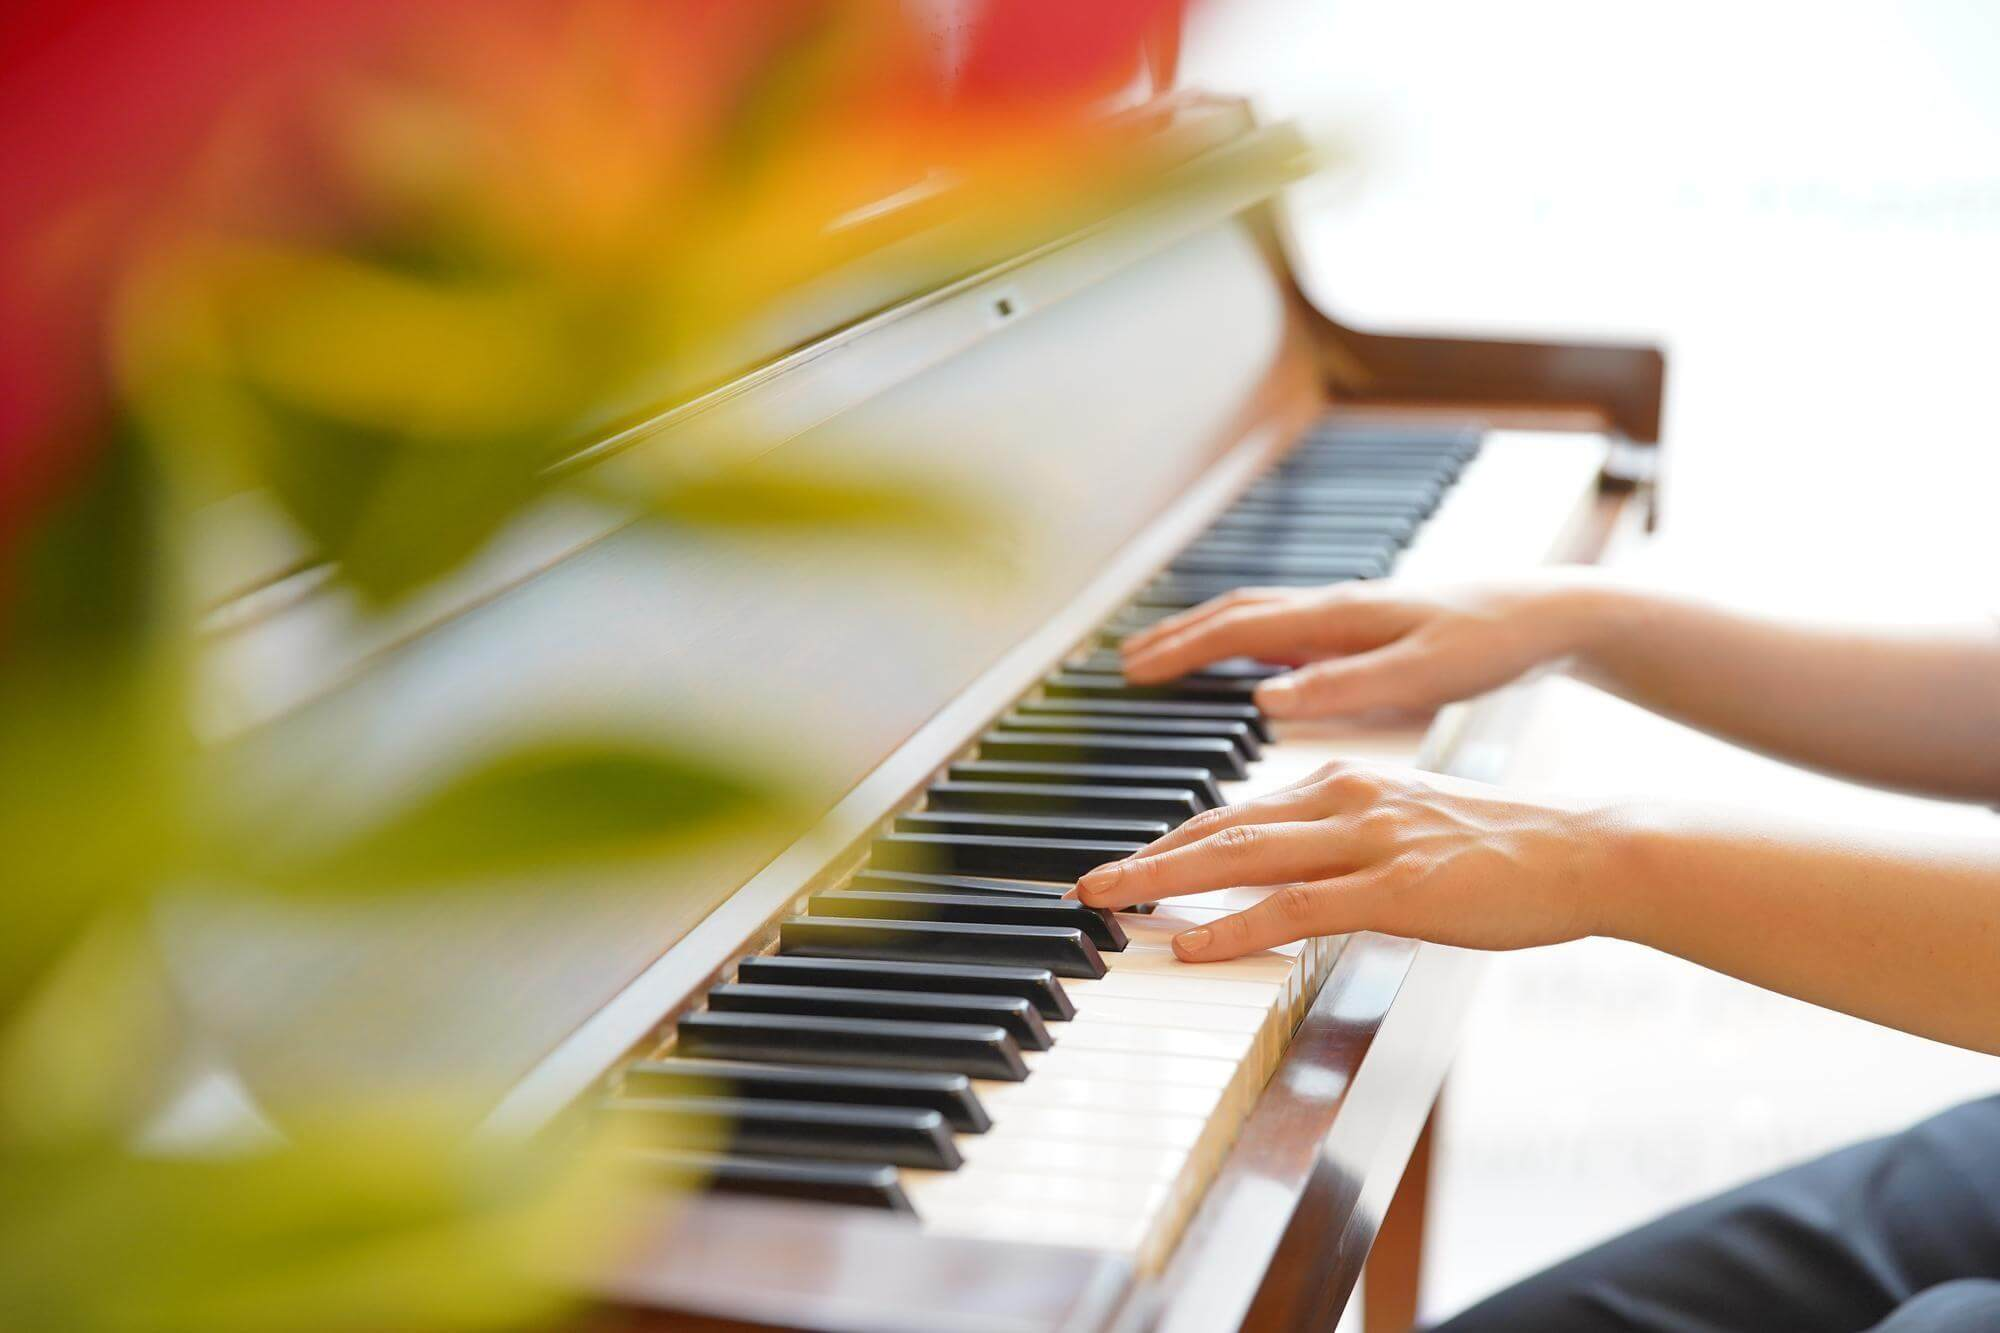 三拍子の音楽はリラックス効果が高い?BGMでの活用の仕方をご紹介